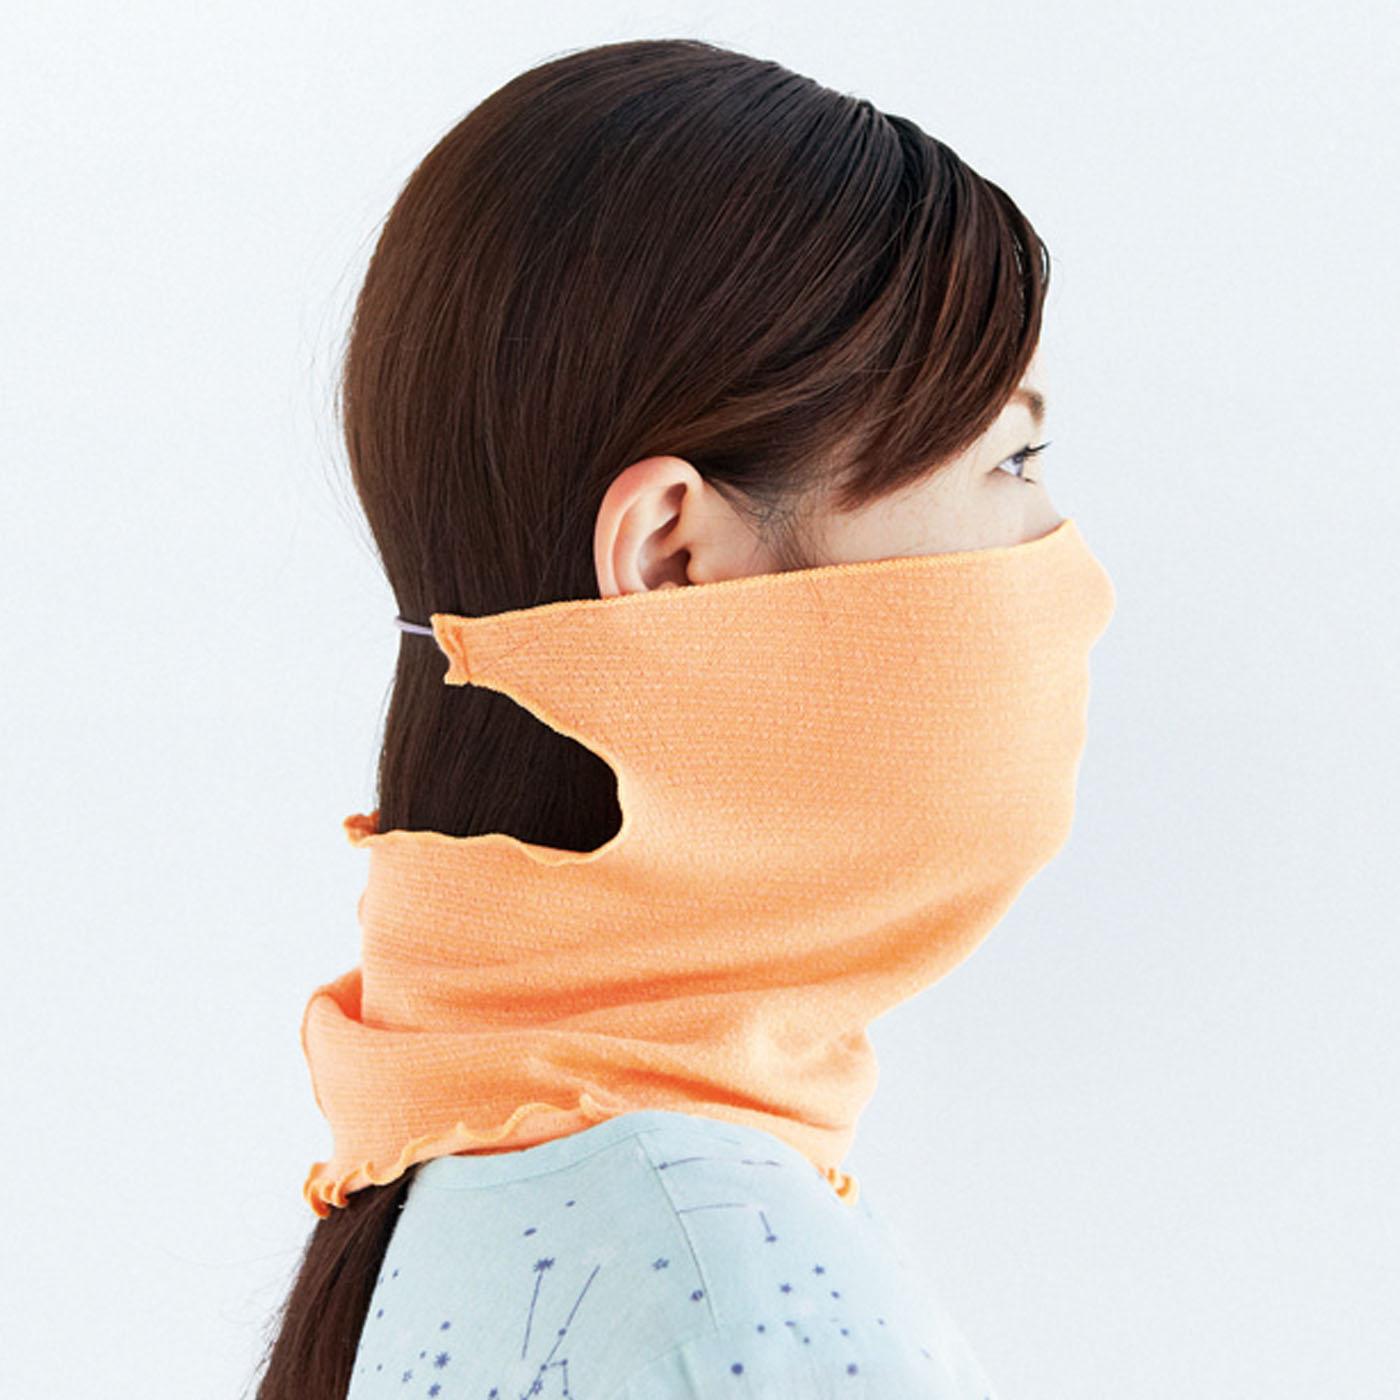 マスク用のゴムひもを後頭部に通して着用。締め付けがやわらぎ、ずれを防止。耳に掛けるストレスがなく快適な着け心地が続きます。